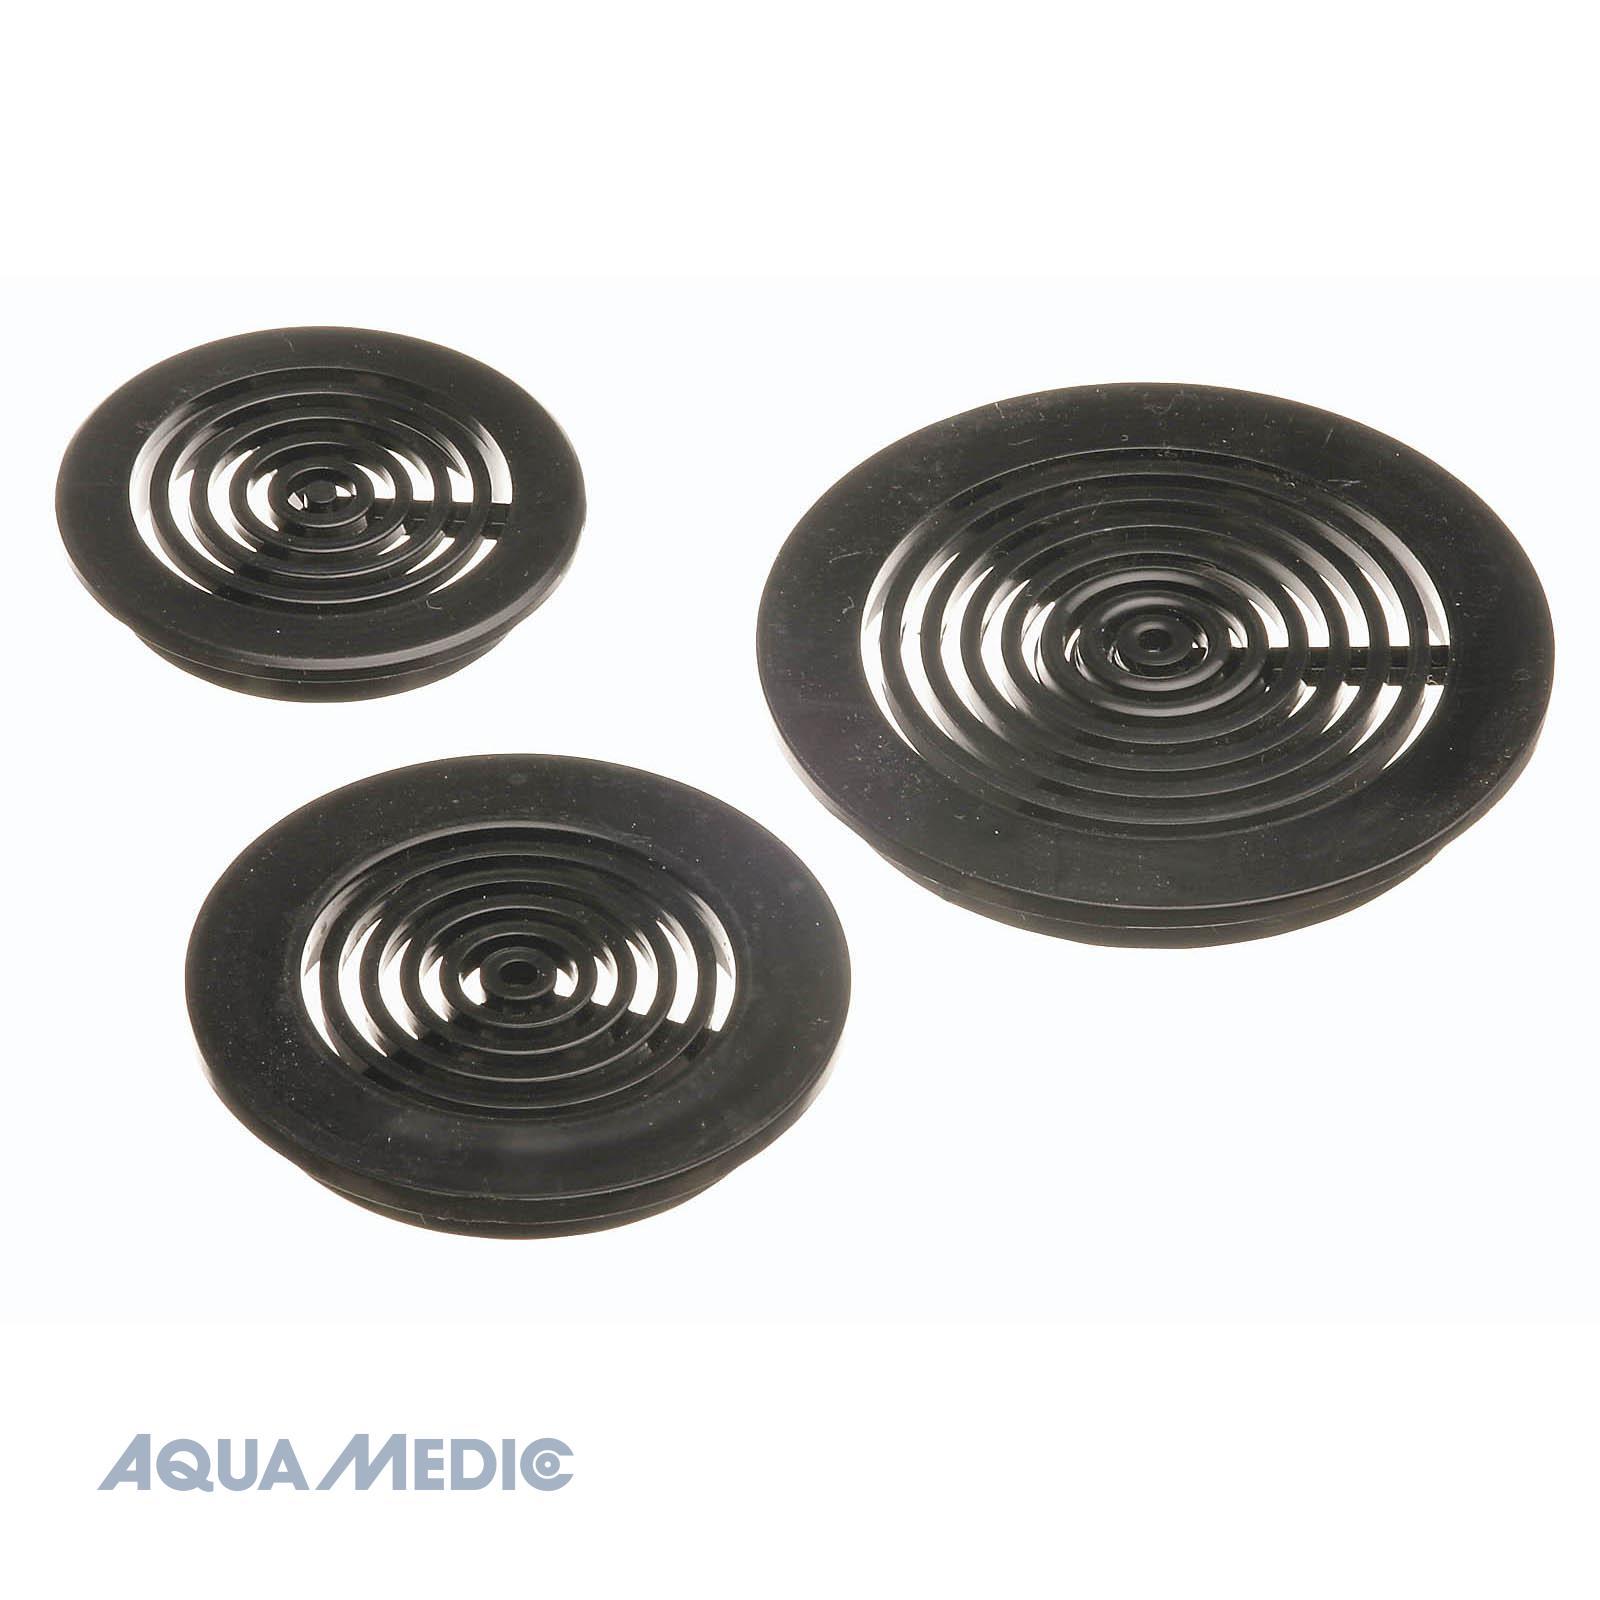 Aquamedic Round Grate Black